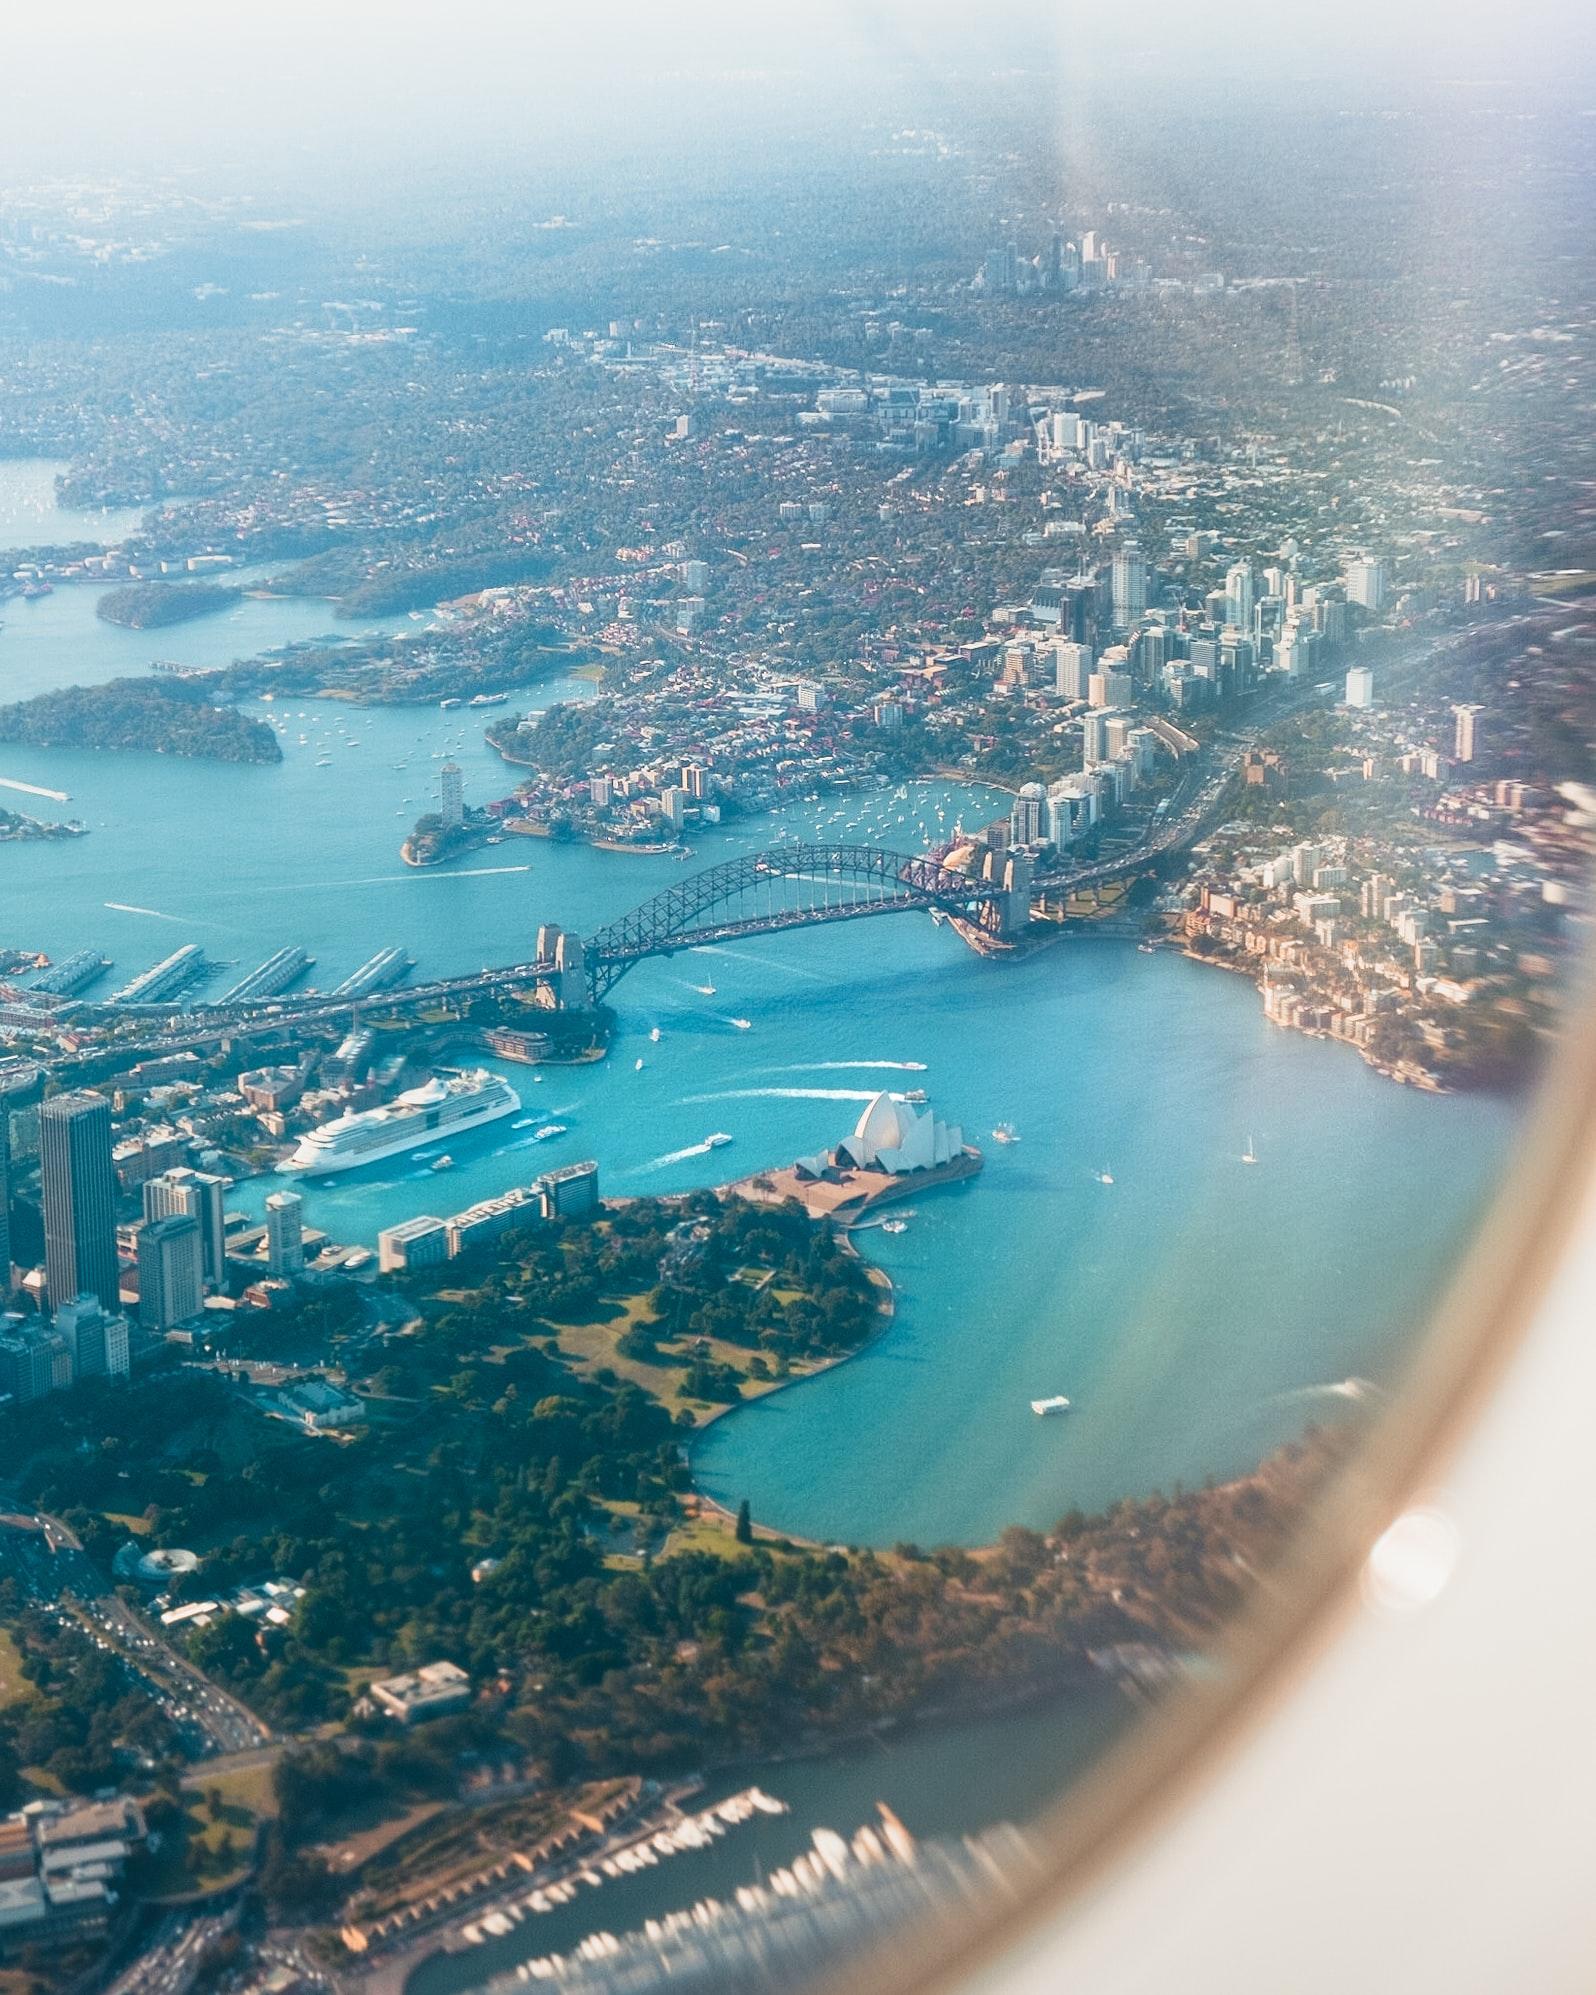 australie - leuke reisfilms - filmtips reizen - films over reizen netflix - films buitenland opgenomen - films met mooie landschappen